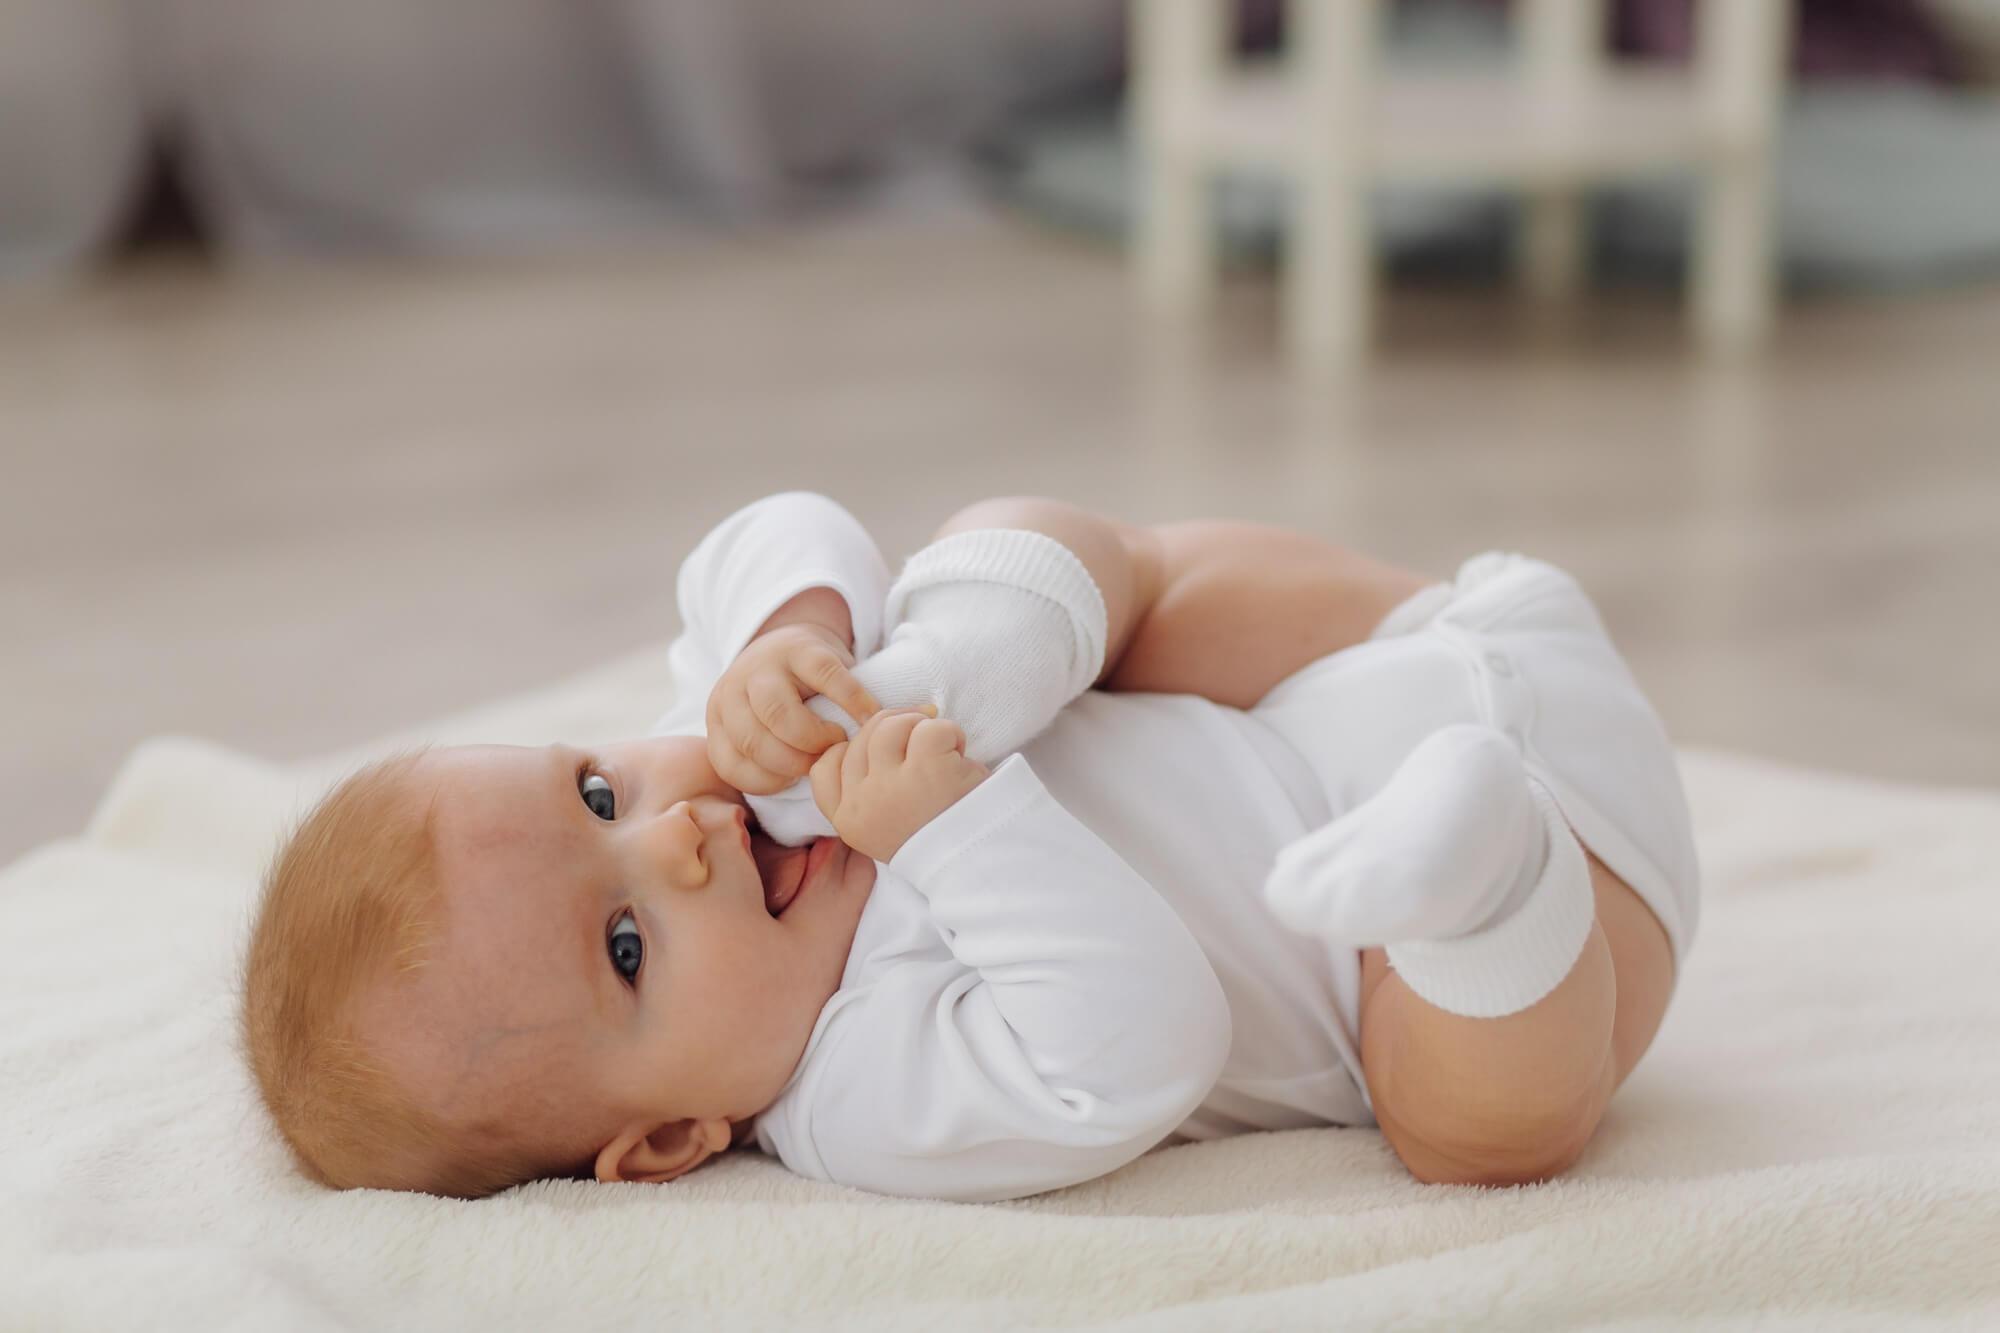 משבר גיל 4 חודשים: כך תתמודדו עם תינוק בוכה, עייף ועצבני